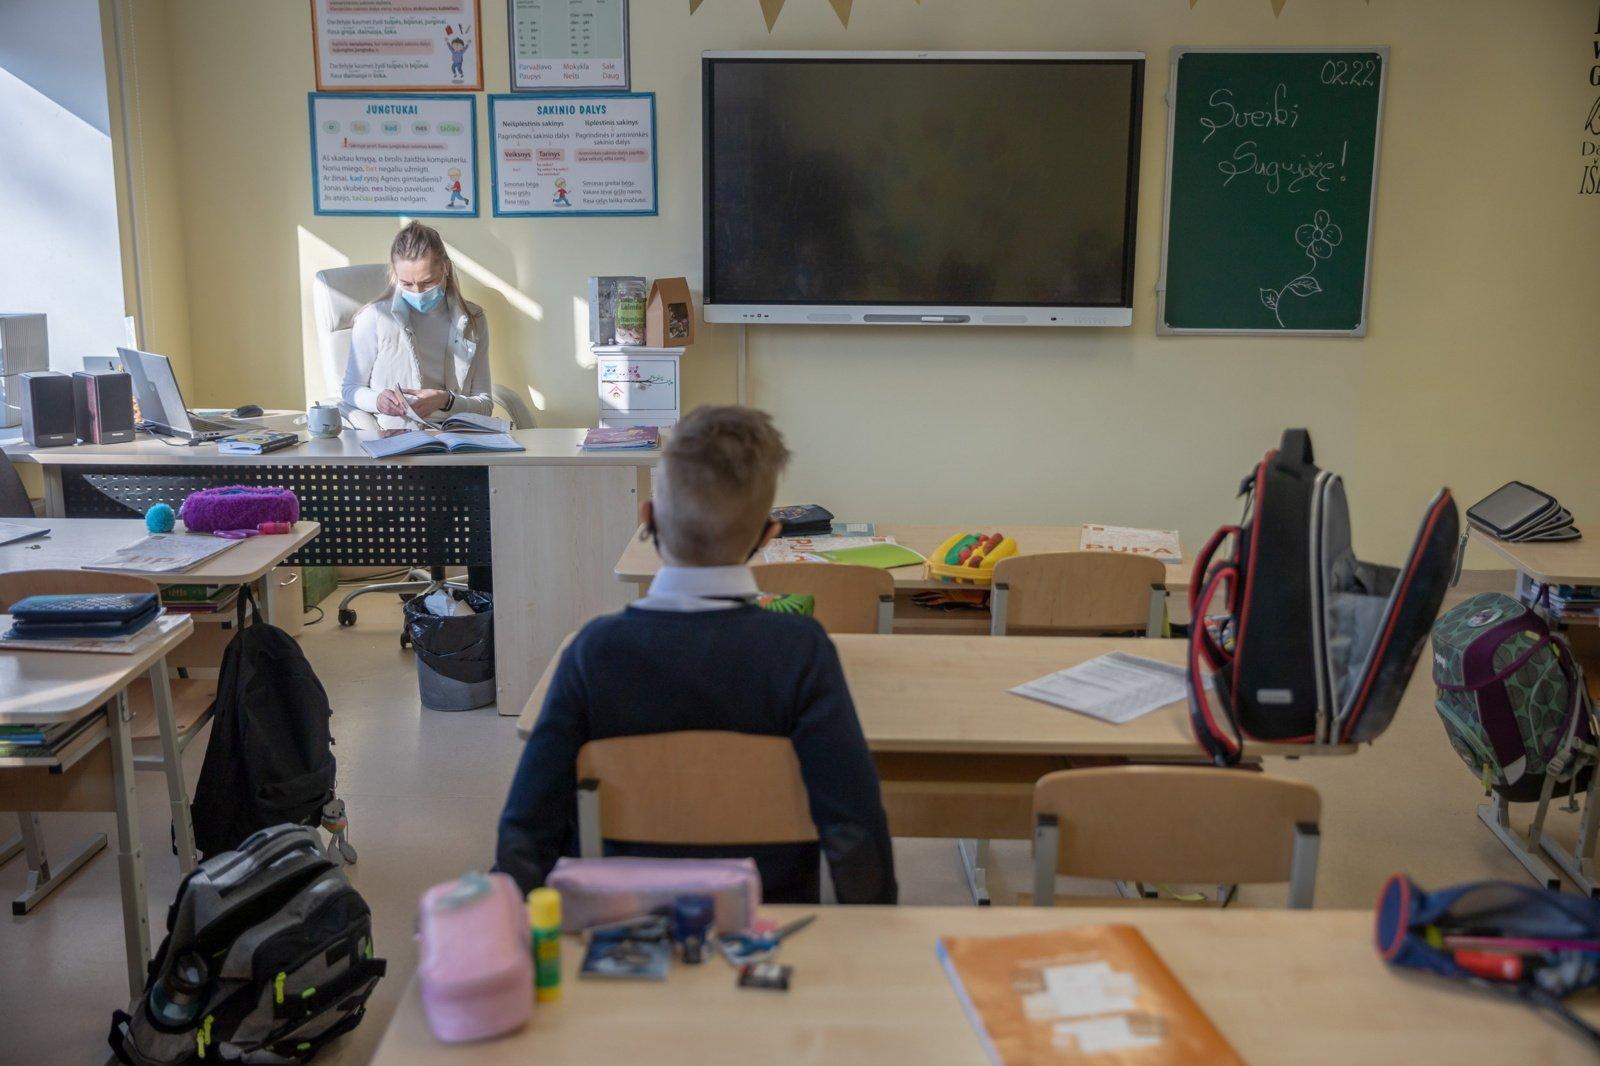 Į klases grįžo dar 8 tūkstančiai pradinukų, iš viso mokyklas lanko 71 tūkstantis